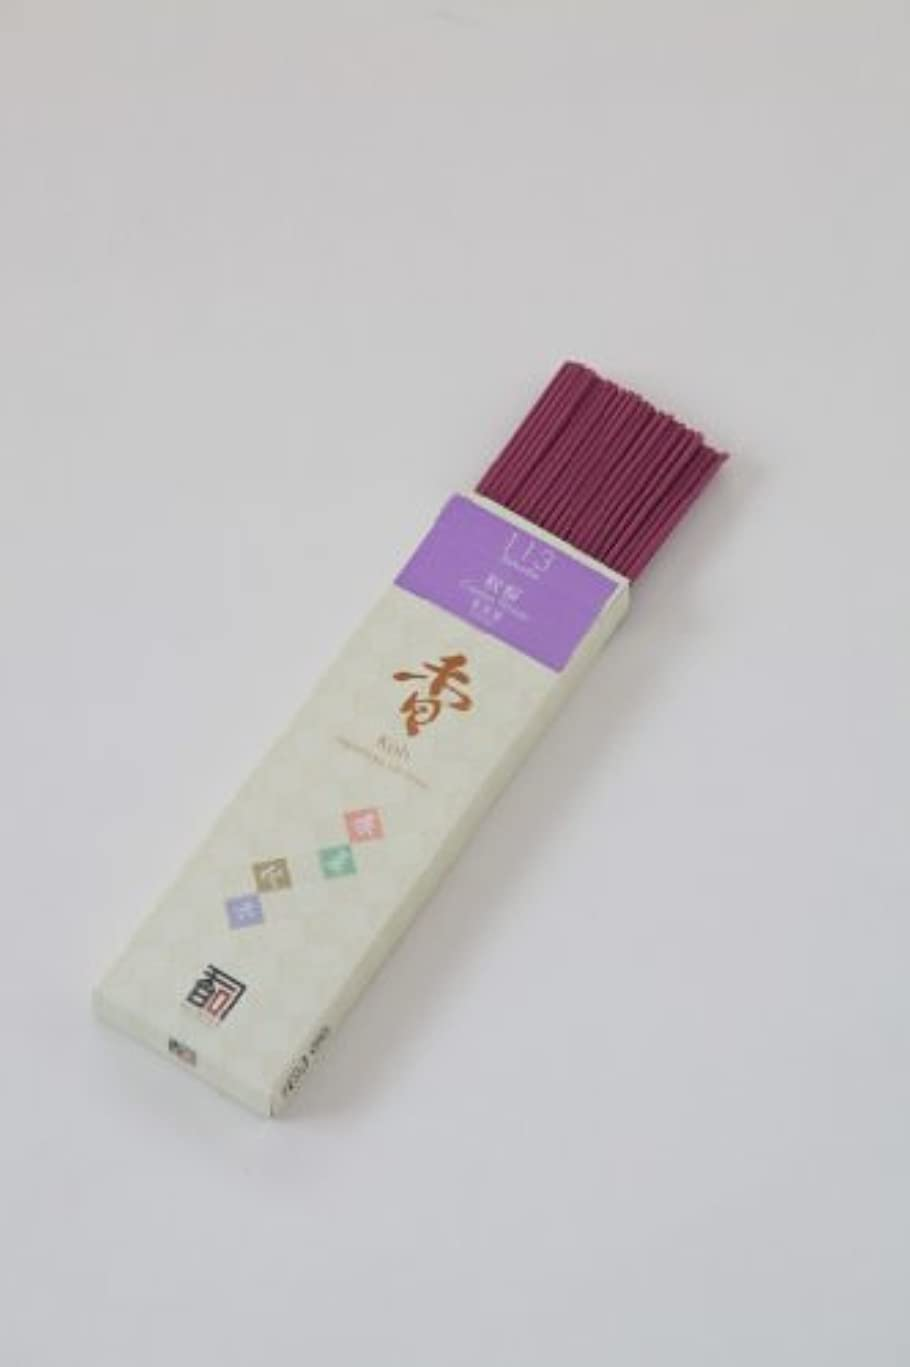 長くする異常な発症「あわじ島の香司」 日本の香りシリーズ (春夏秋冬) 【113】  ◆秋桜◆